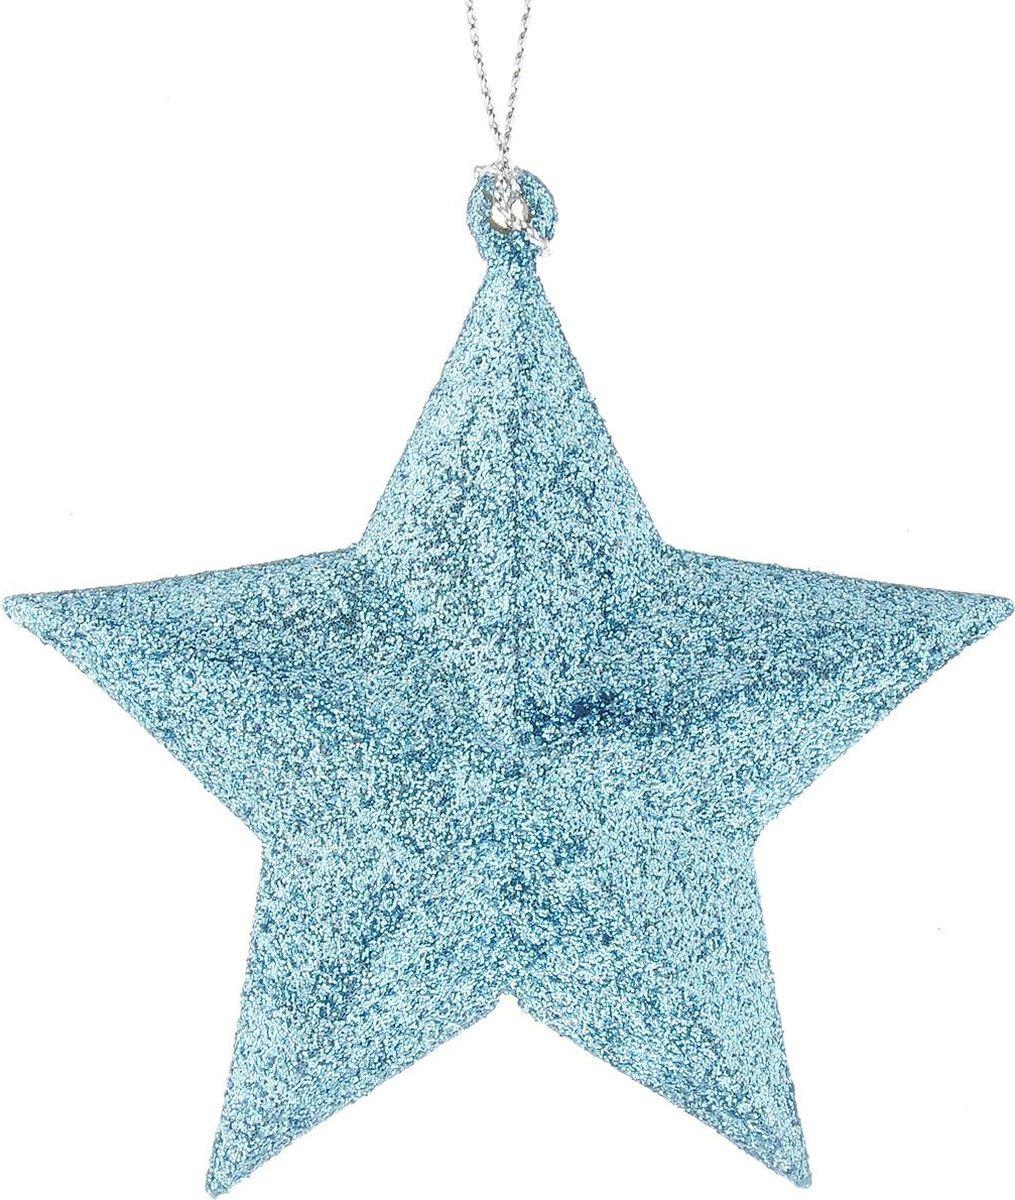 Новогоднее елочное украшение Magic Time Звезда в голубом глитере, 9 см украшение новогоднее подвесное magic time морозная звезда 8 см